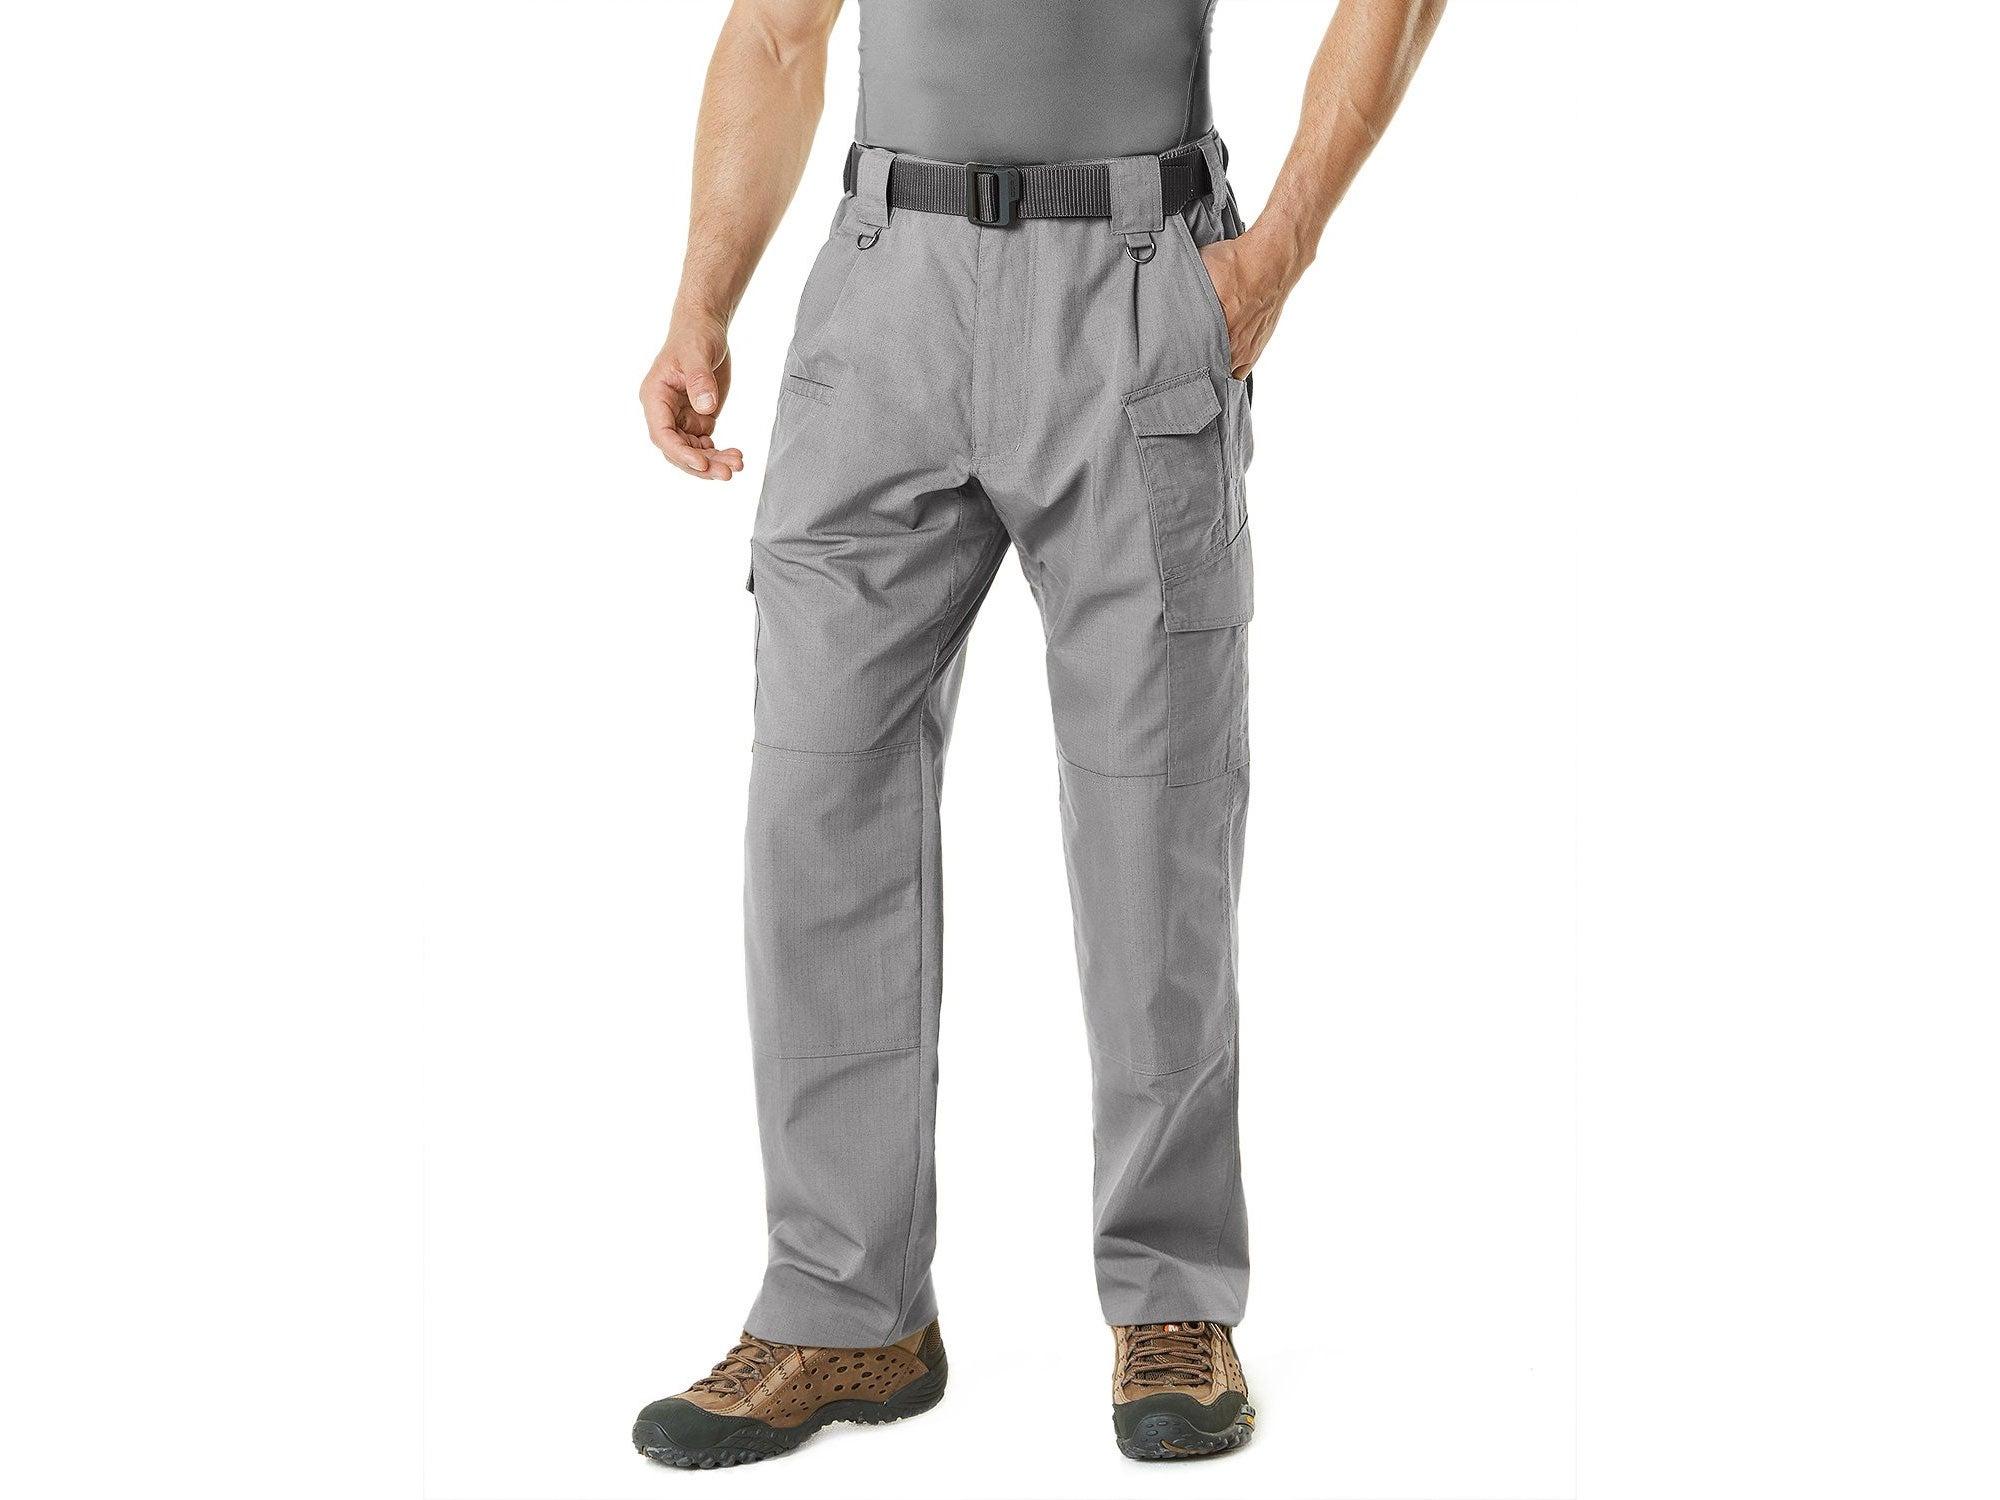 CQR Tactical Pants Lightweight